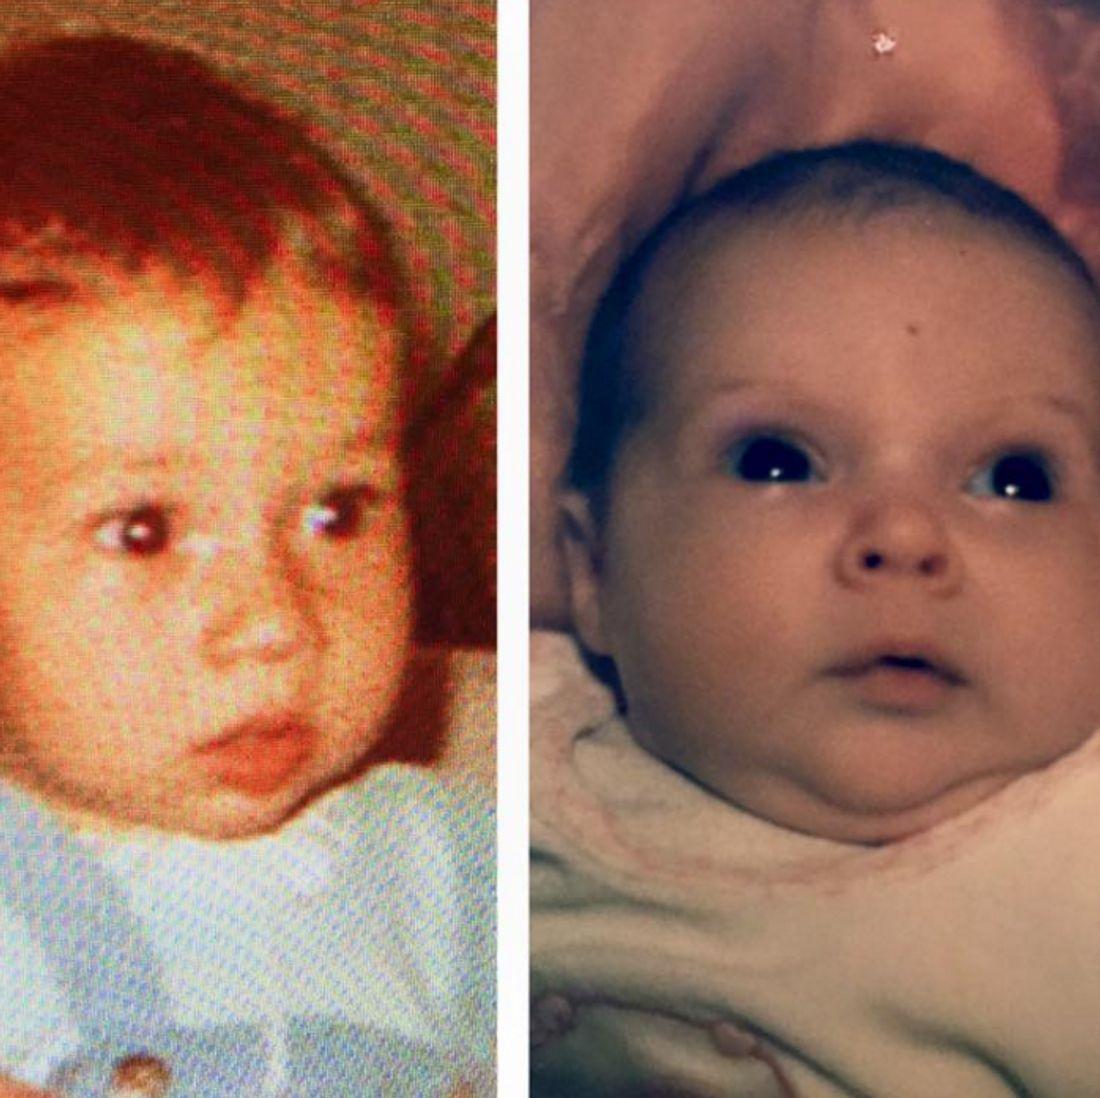 Süße Babyfotos von Daniela Katzenberger und Lucas Cordalis